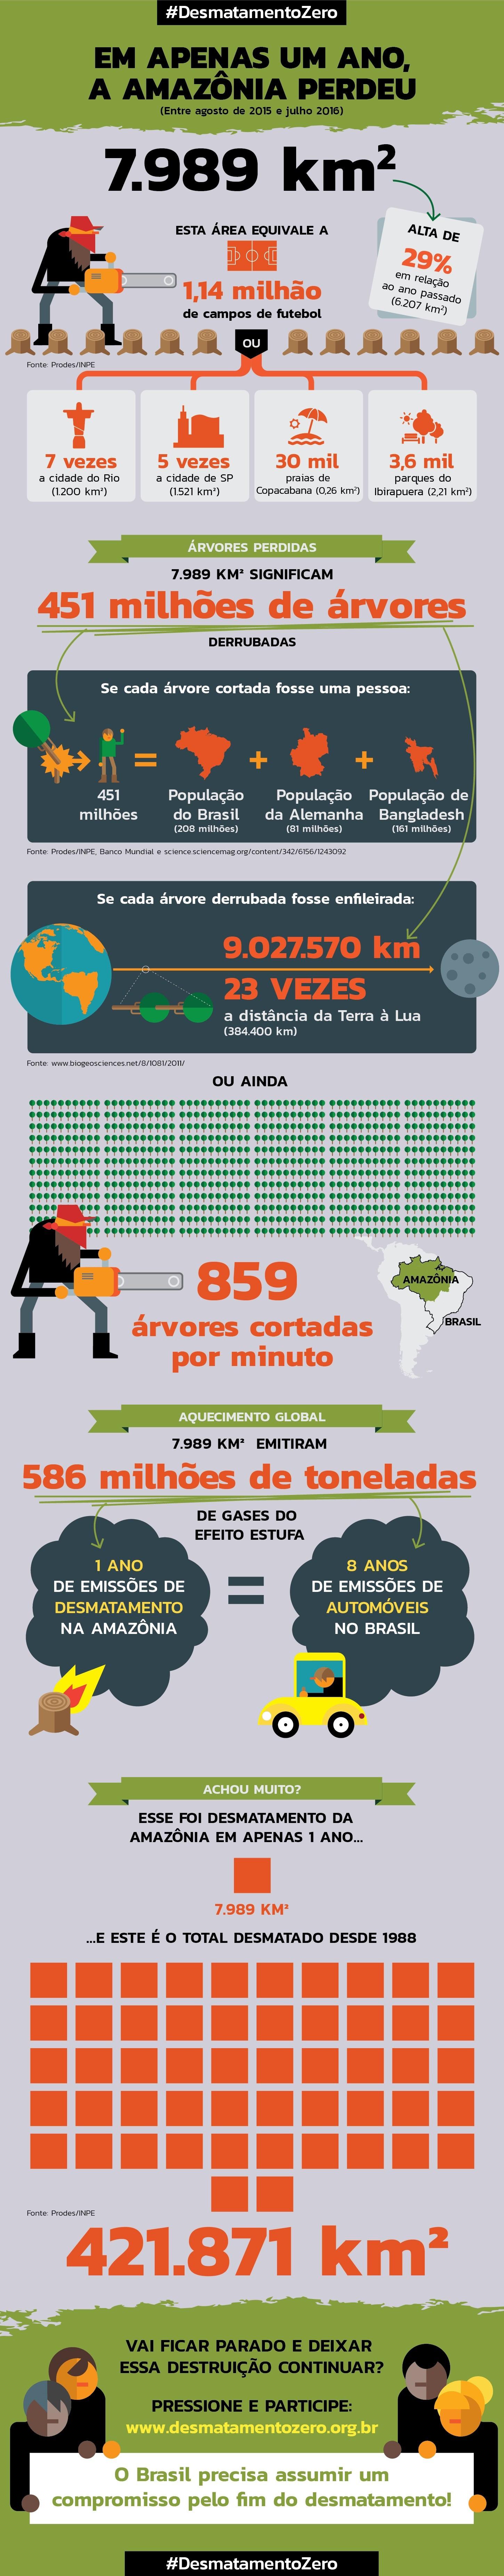 (Foto: Greenpeace)